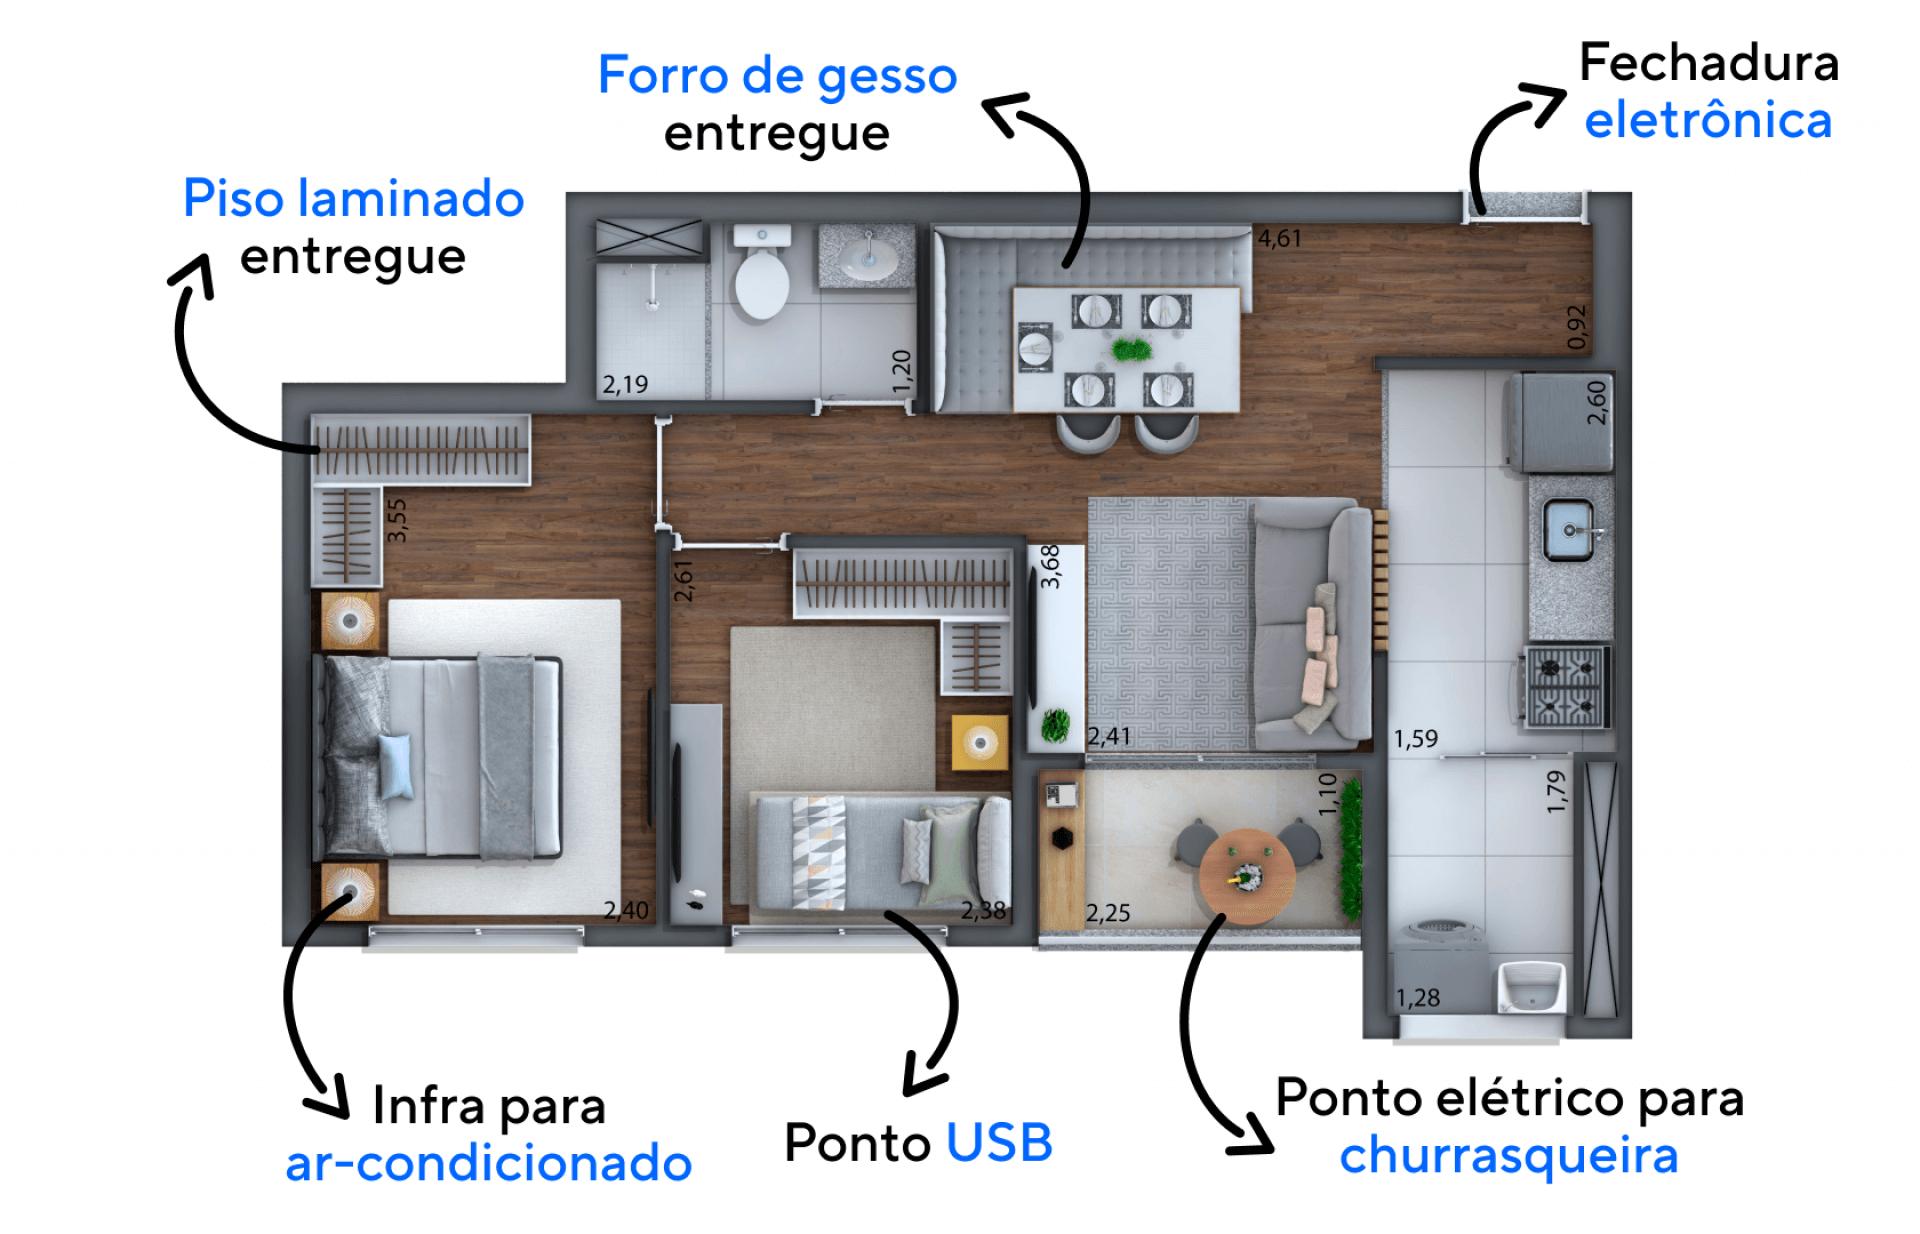 46 M² - 2 DORMITÓRIOS. Apartamentos funcionais com possibilidade de terraço gourmet. Todas as unidades são entregues com ponto para churrasqueira, forro em gesso, piso laminado nas áreas quentes e ponto USB nos dormitórios.